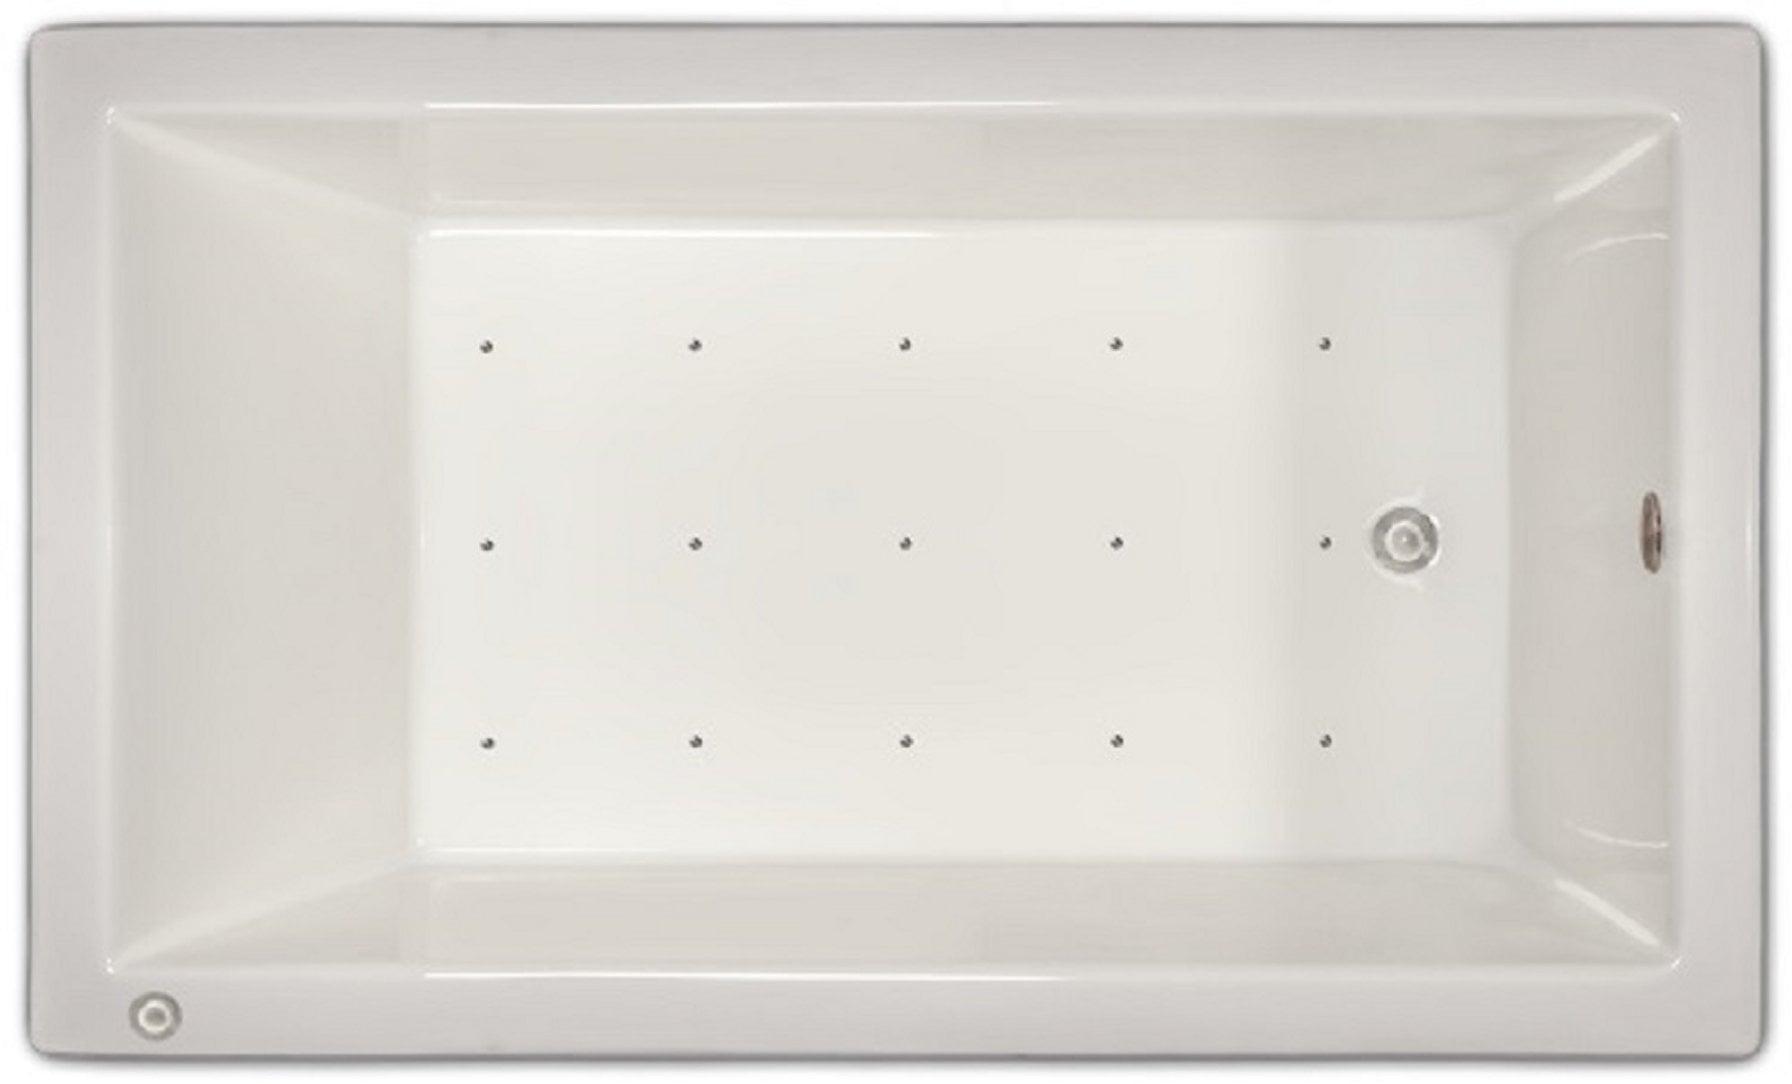 Drop-in Bathtub / 59.5x35.5x19 / high gloss white acrylic / Rectangle / LPI18-A-LD Pinnacle Bath - Air Bath 0